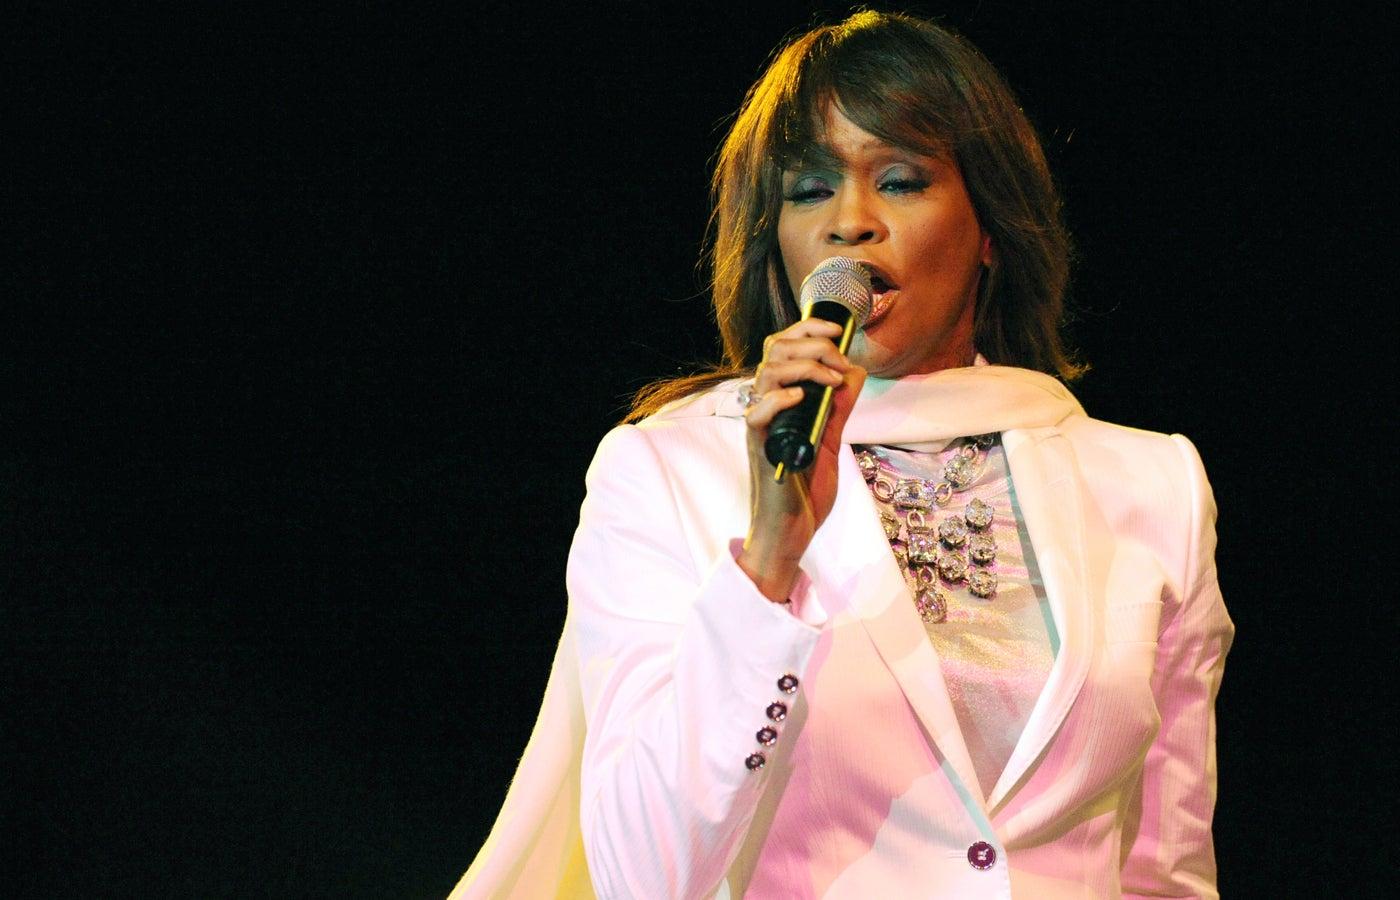 Singer Whitney Houston.